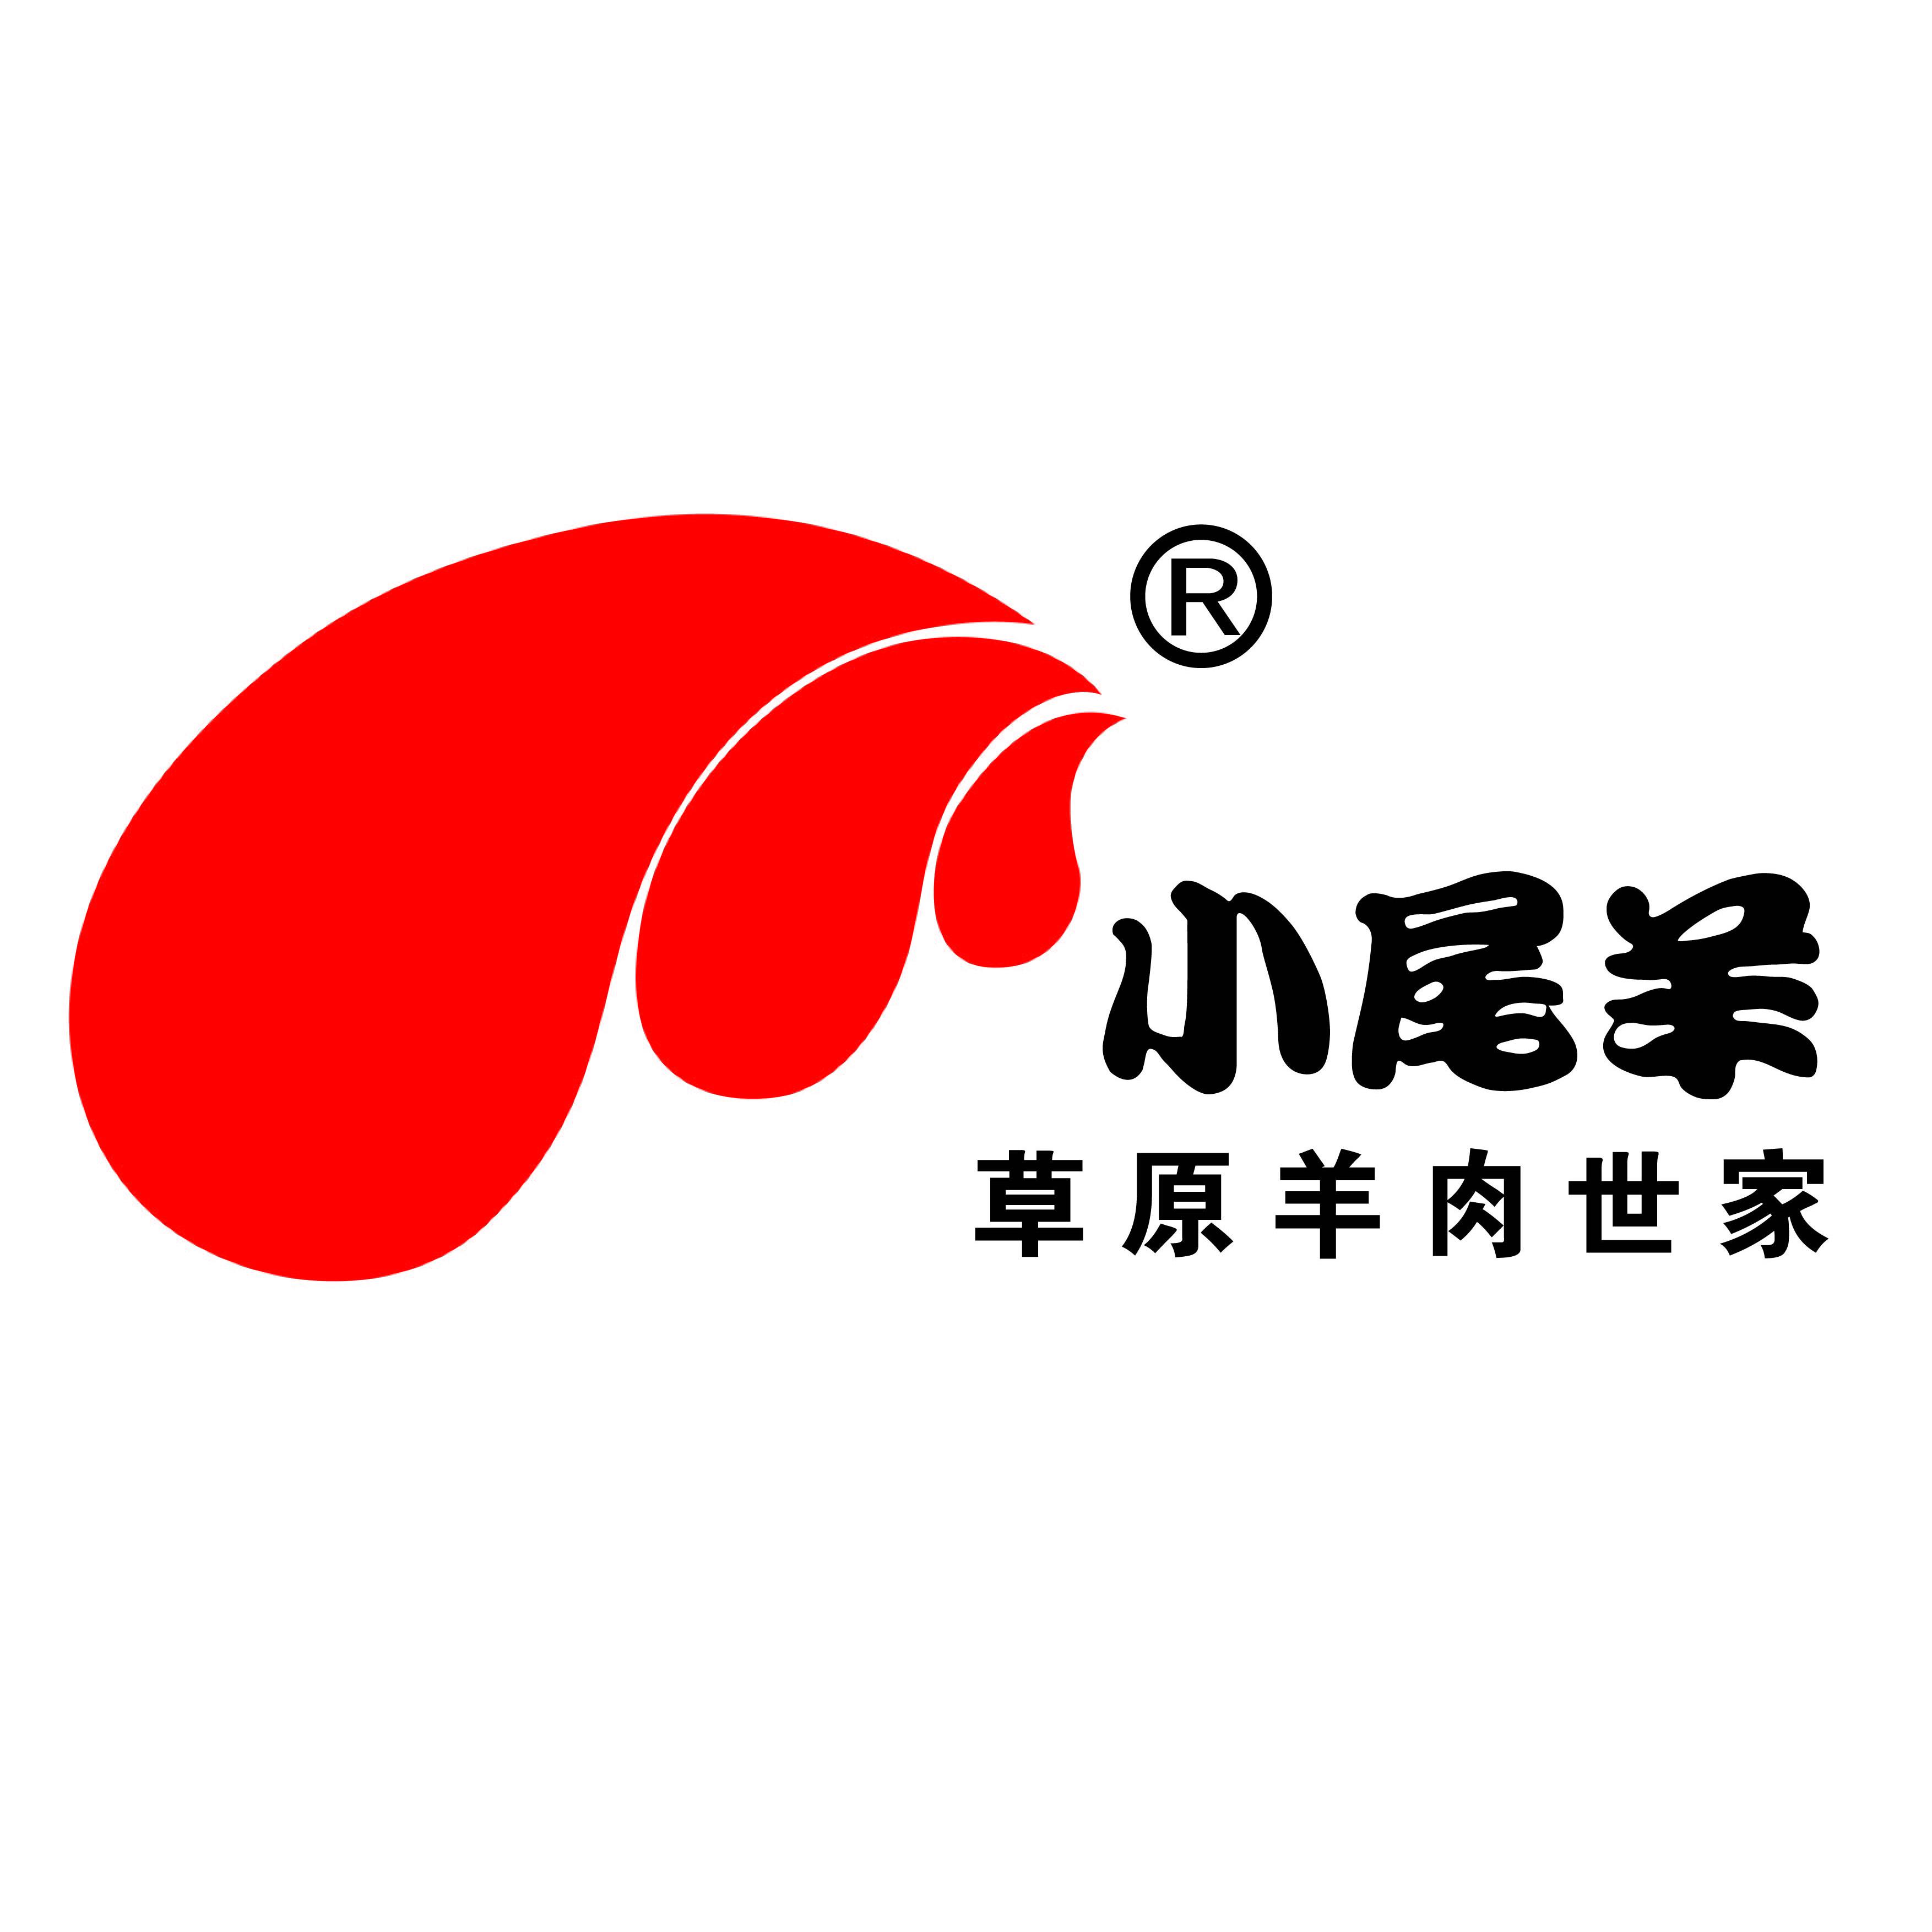 小尾羊推出火锅店专用火锅底料和牛羊肉制品